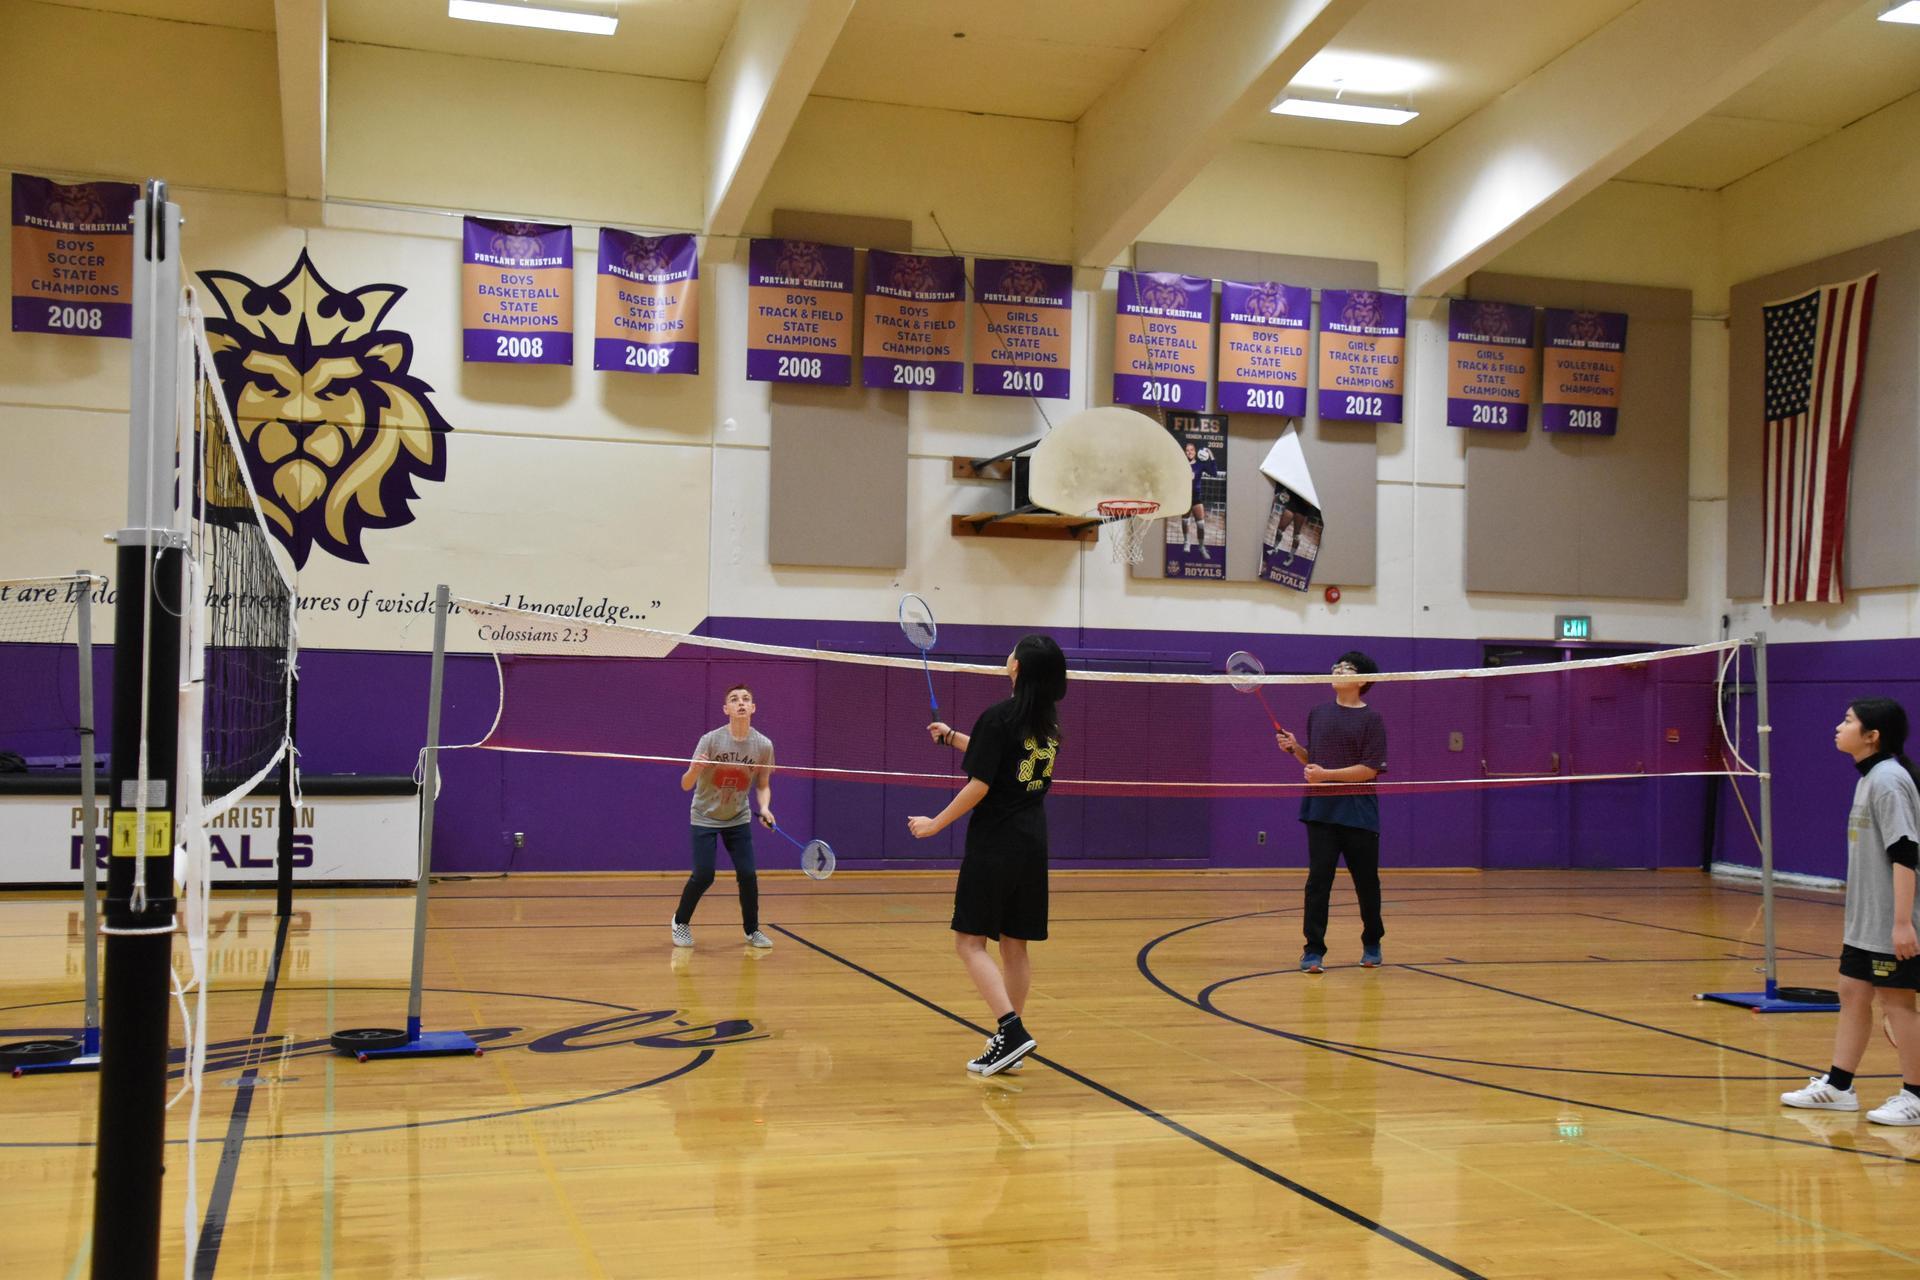 Playing badminton four ways